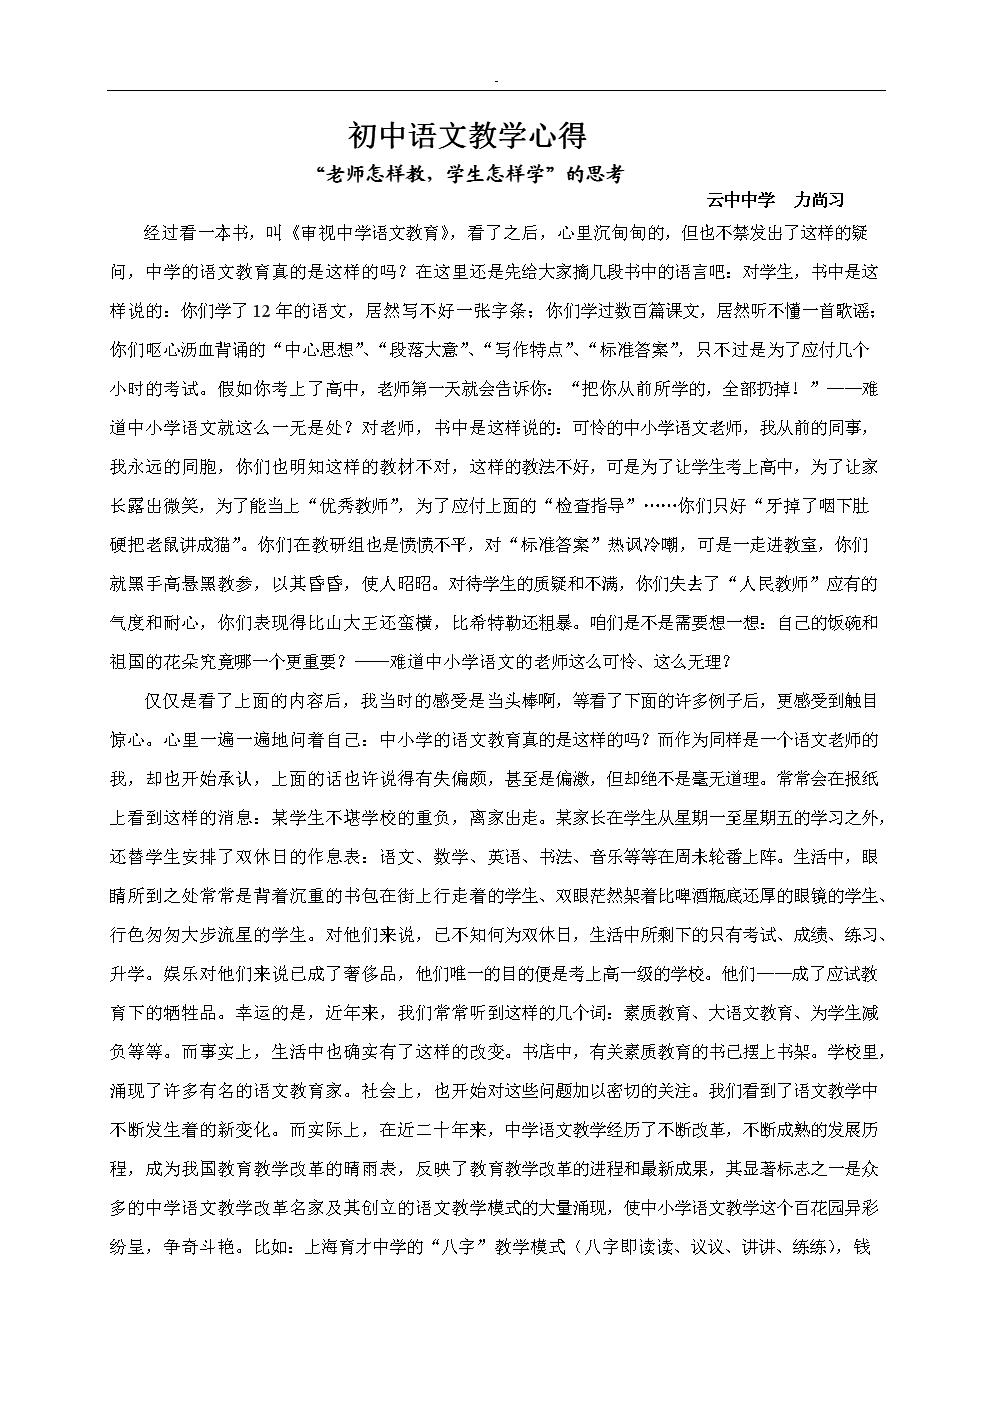 初中语文教学心得结尾.doc步入分享初中以后图片